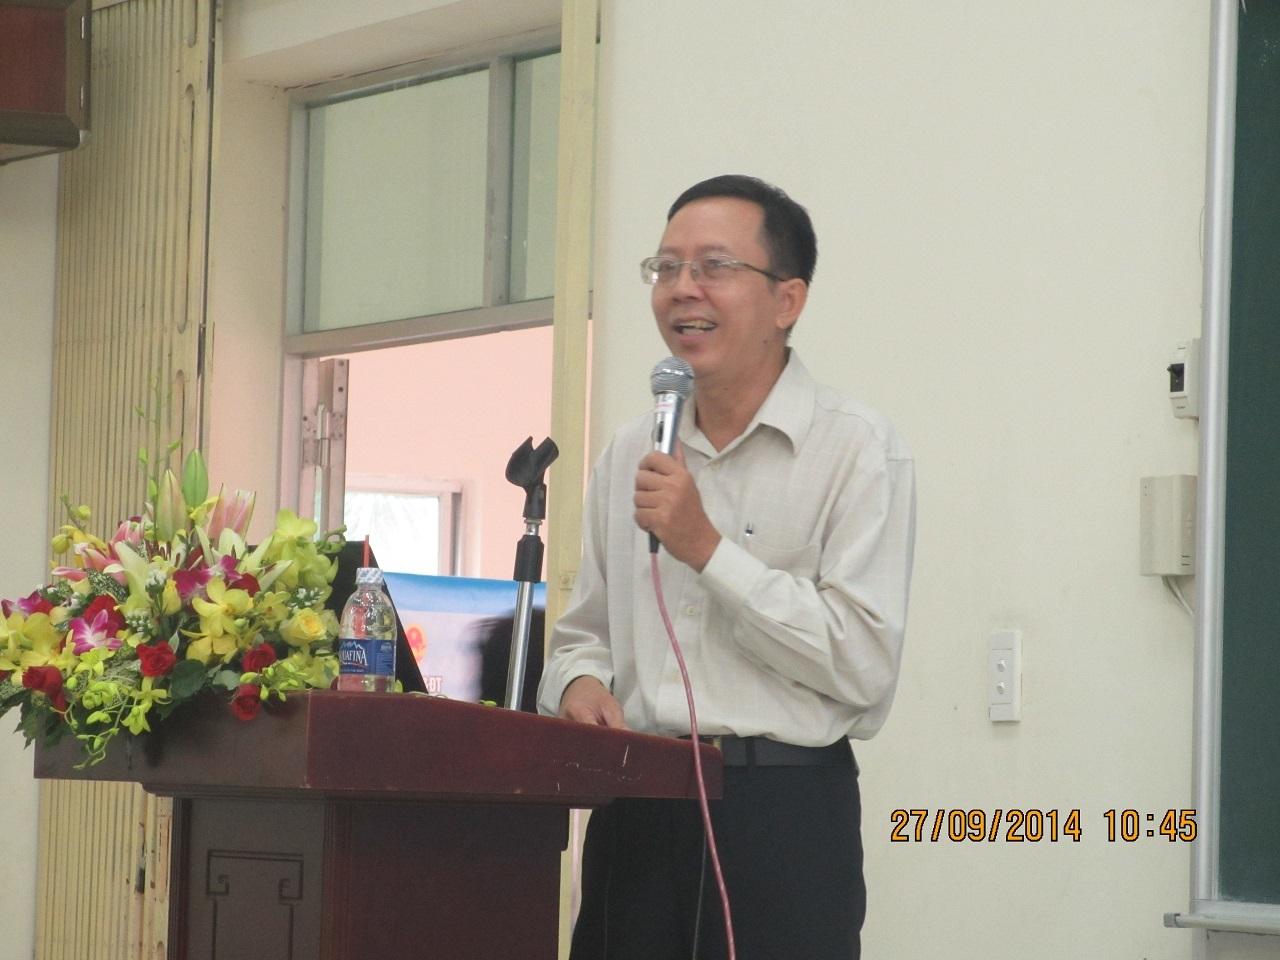 Ông Phạm Ngọc Tiến Phó Trưởng Phòng Giáo dục Trung học- Sở GD&ĐT TP Hồ Chí Minh (ảnh: website Sở GD&ĐT TPHCM)